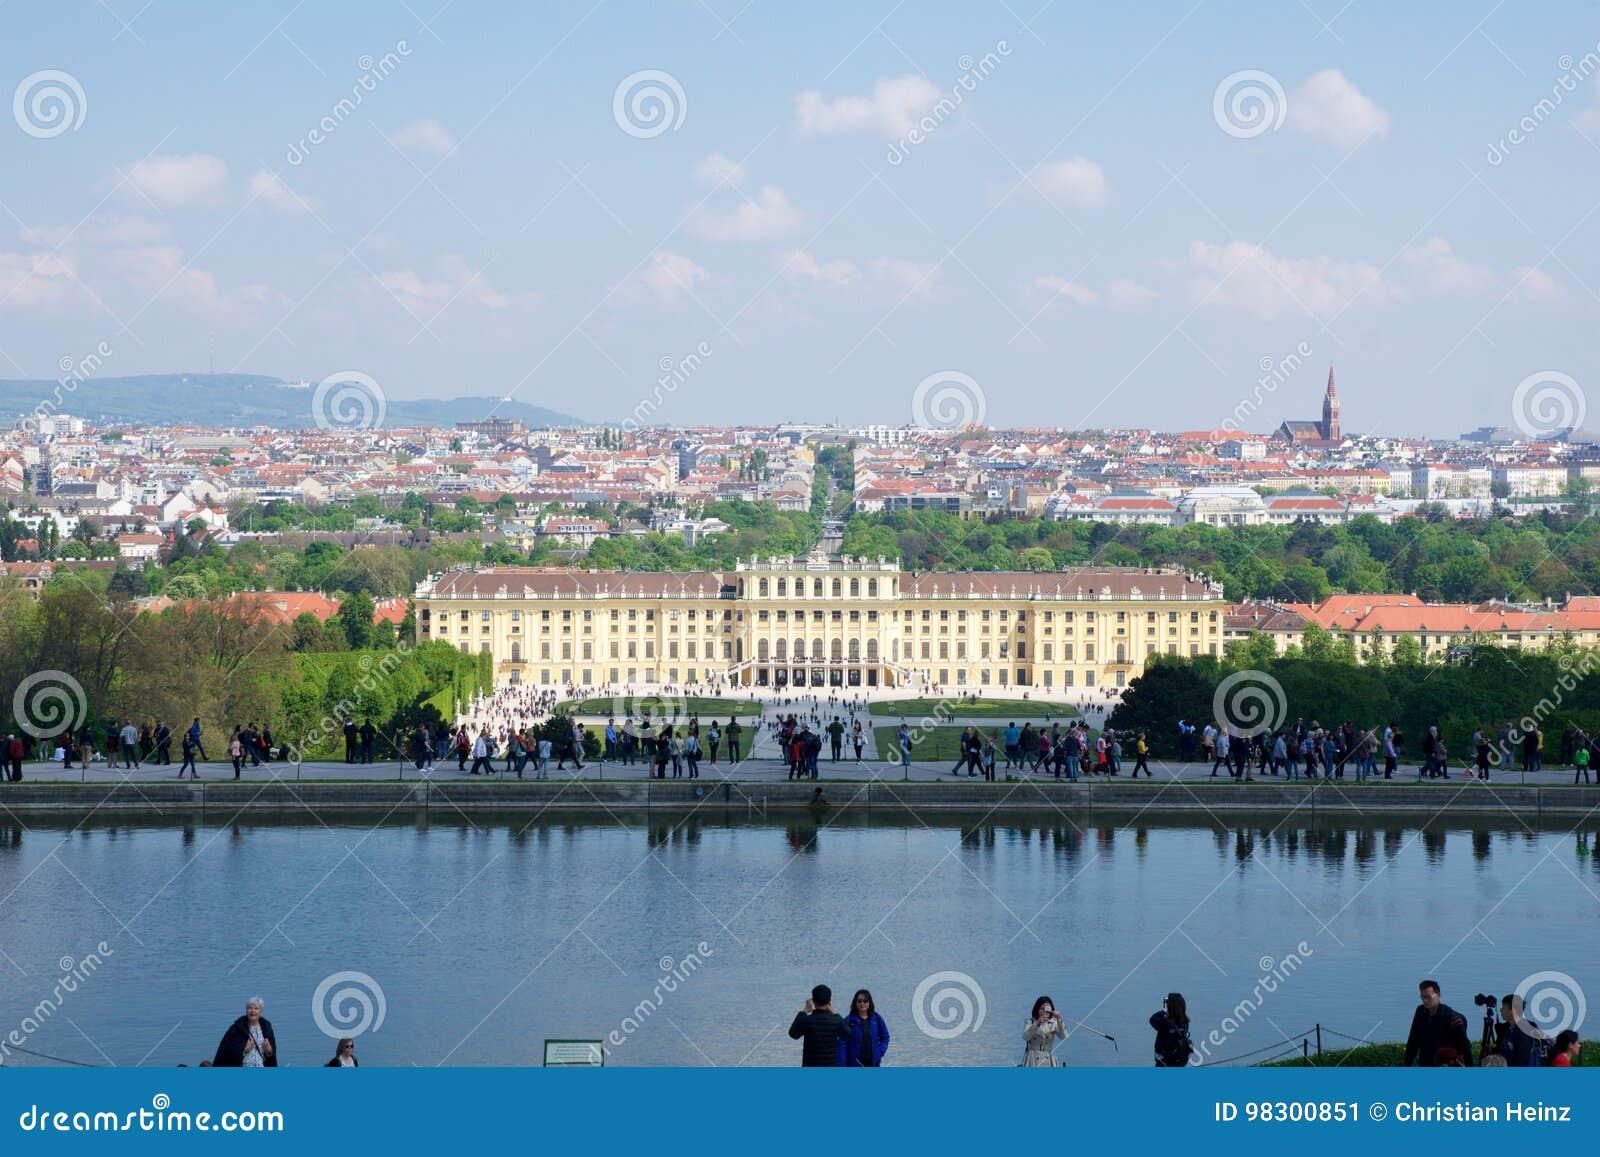 WIEN ÖSTERRIKE - APRIL 30th, 2017: Klassisk sikt av den berömda Schonbrunn slotten med den stora Parterreträdgården med folk